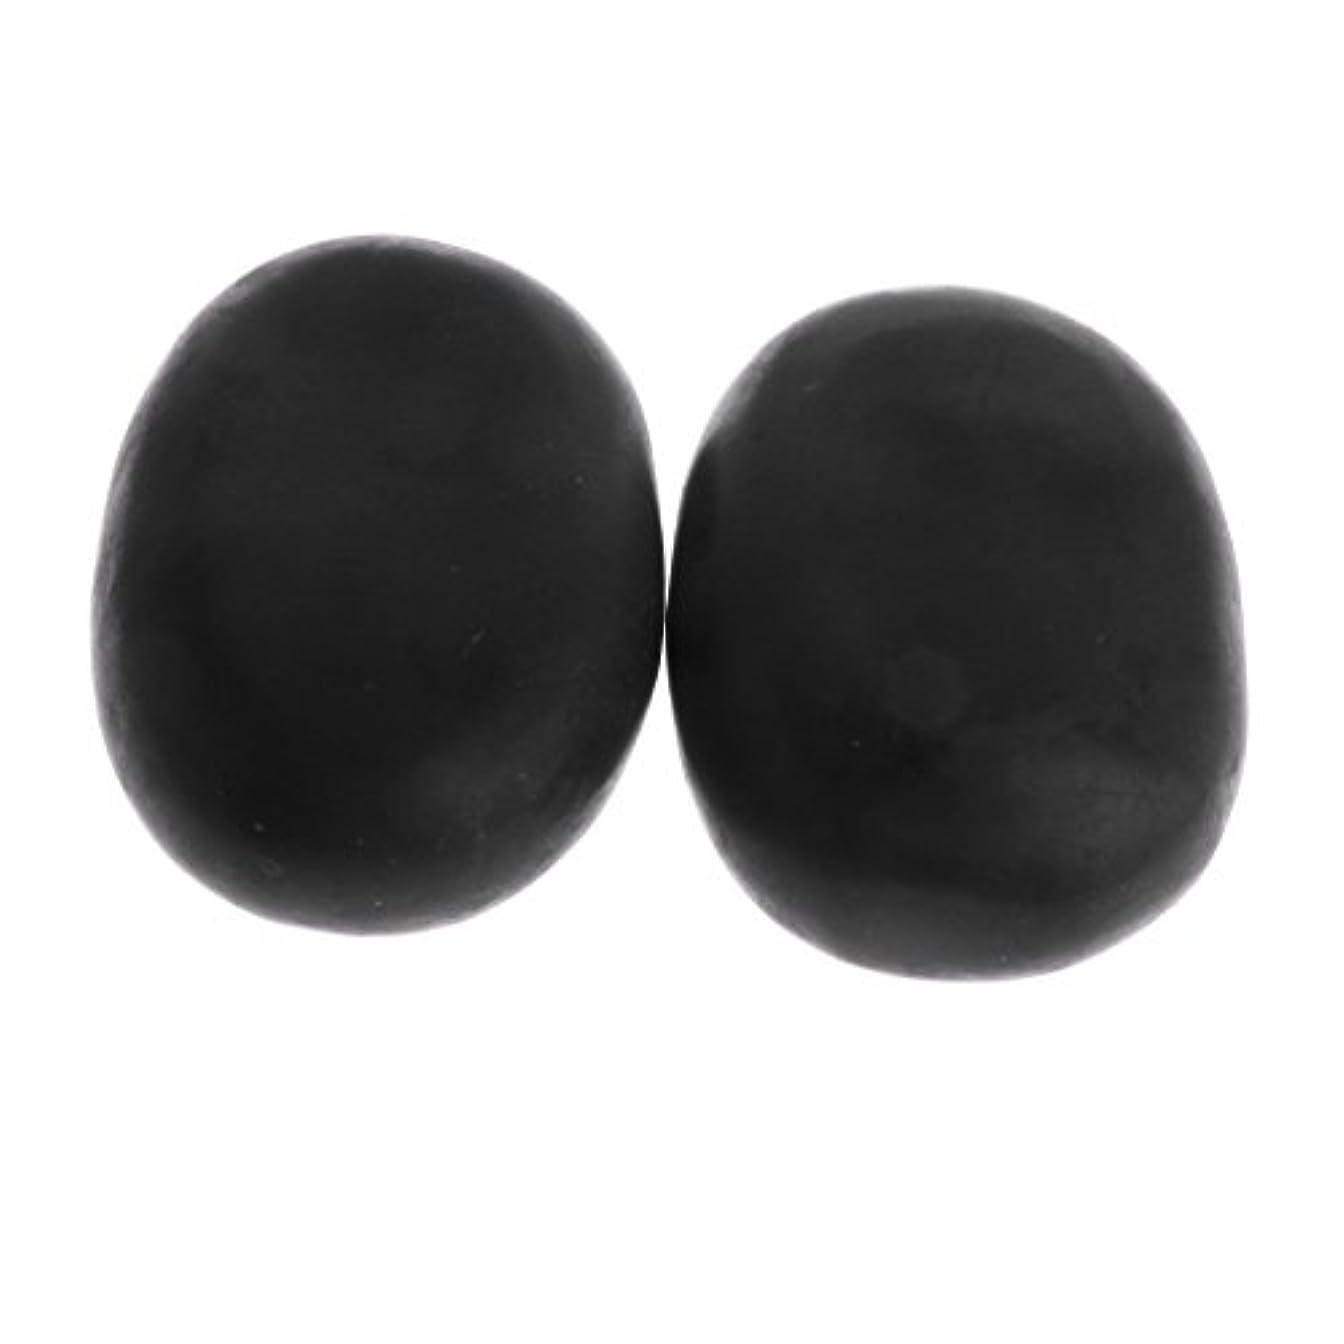 おなじみの湾所得マッサージ石 2個 温泉石 玄武岩 火山石 マッサージ 溶岩 自然石